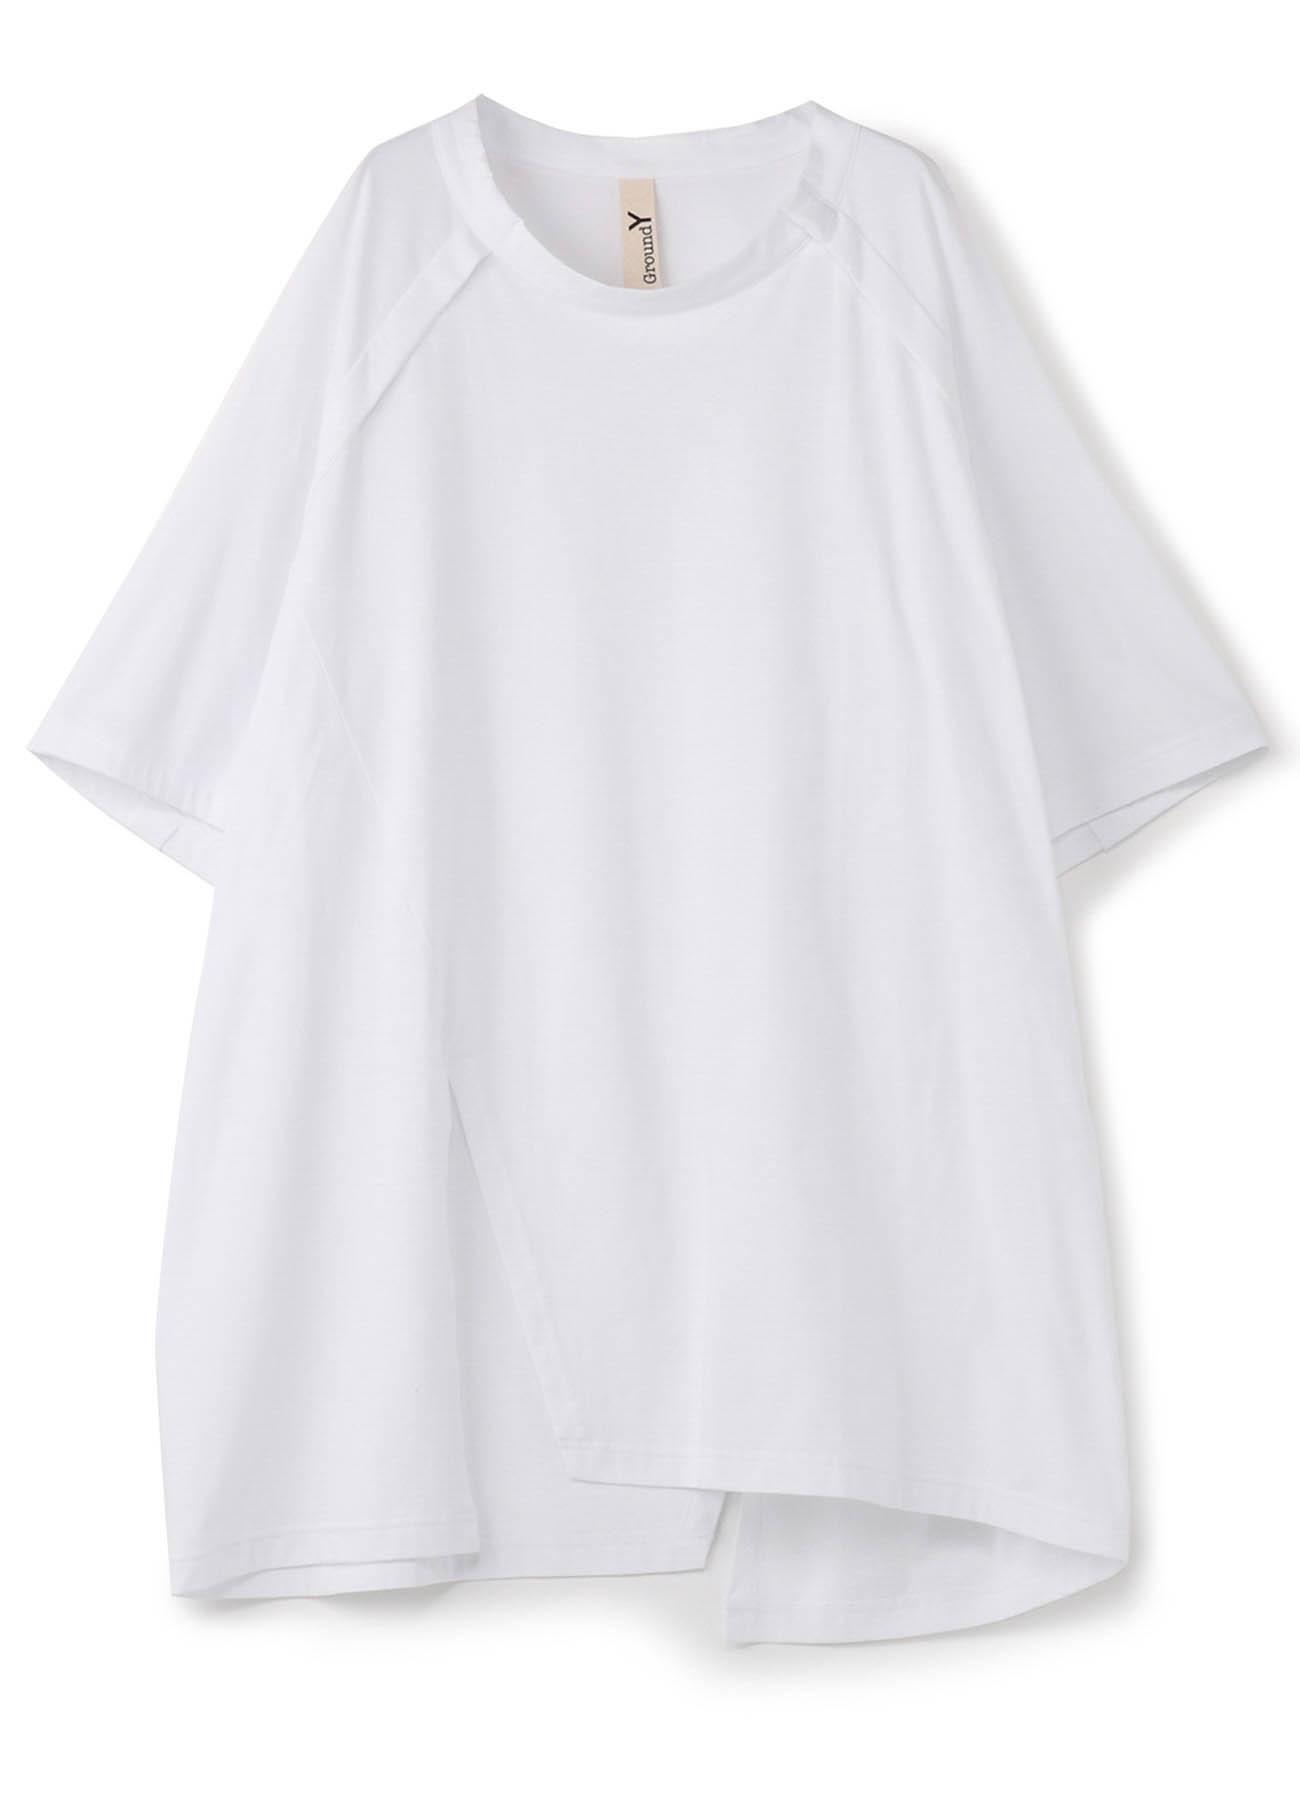 30 /棉质平针织前插肩短袖T